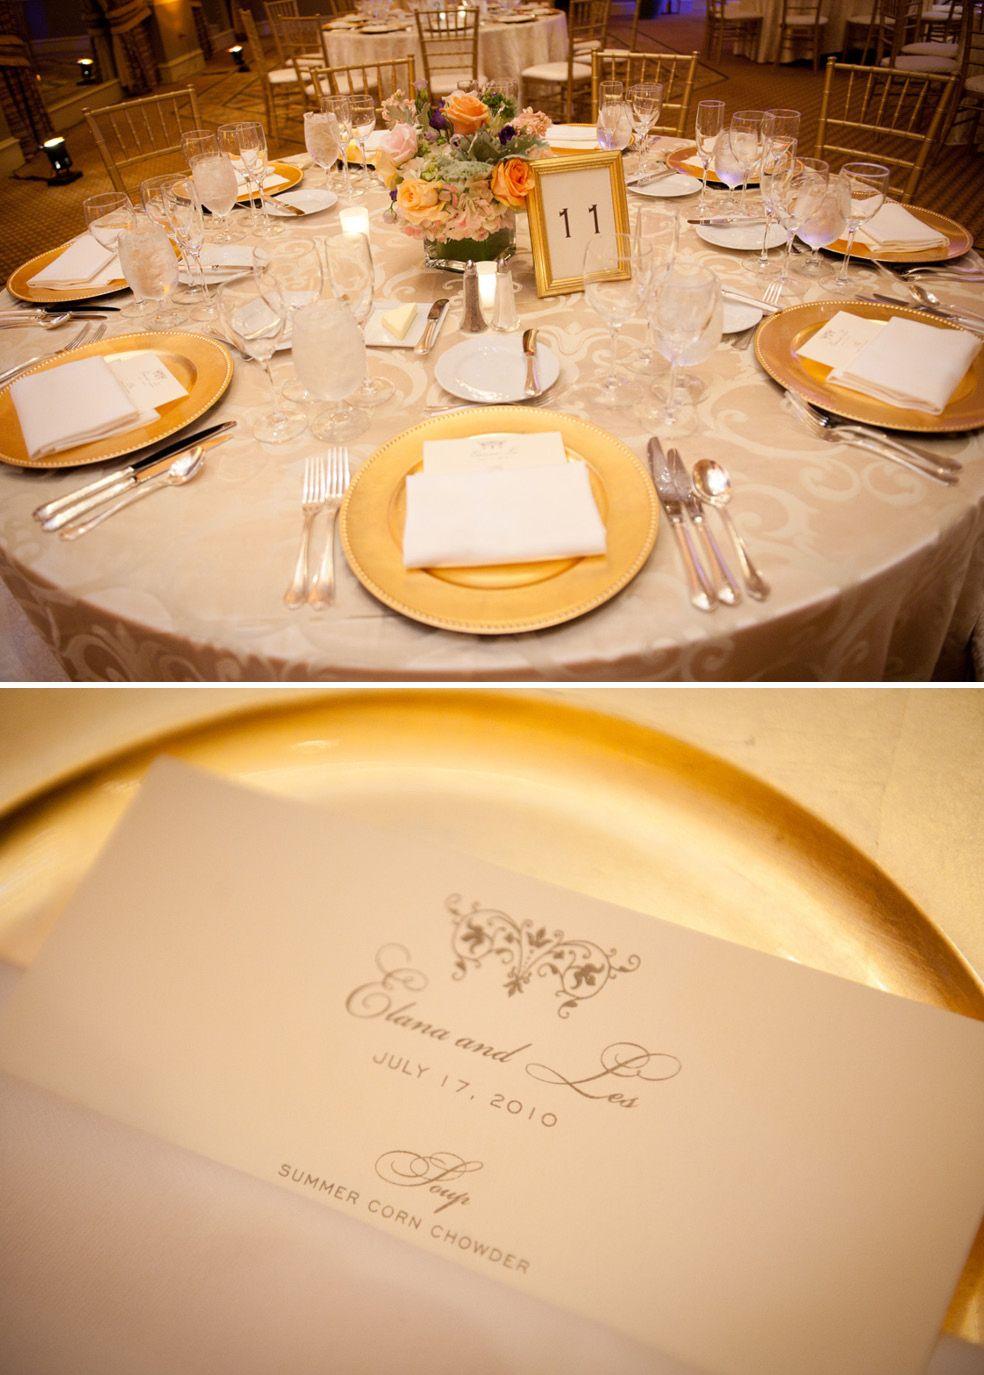 Four Seasons Hotel Wedding Reception Gold White Decor Menu Jpg 984 1 375 Pixels Gold Wedding Reception Hotel Wedding Receptions White Wedding Decorations